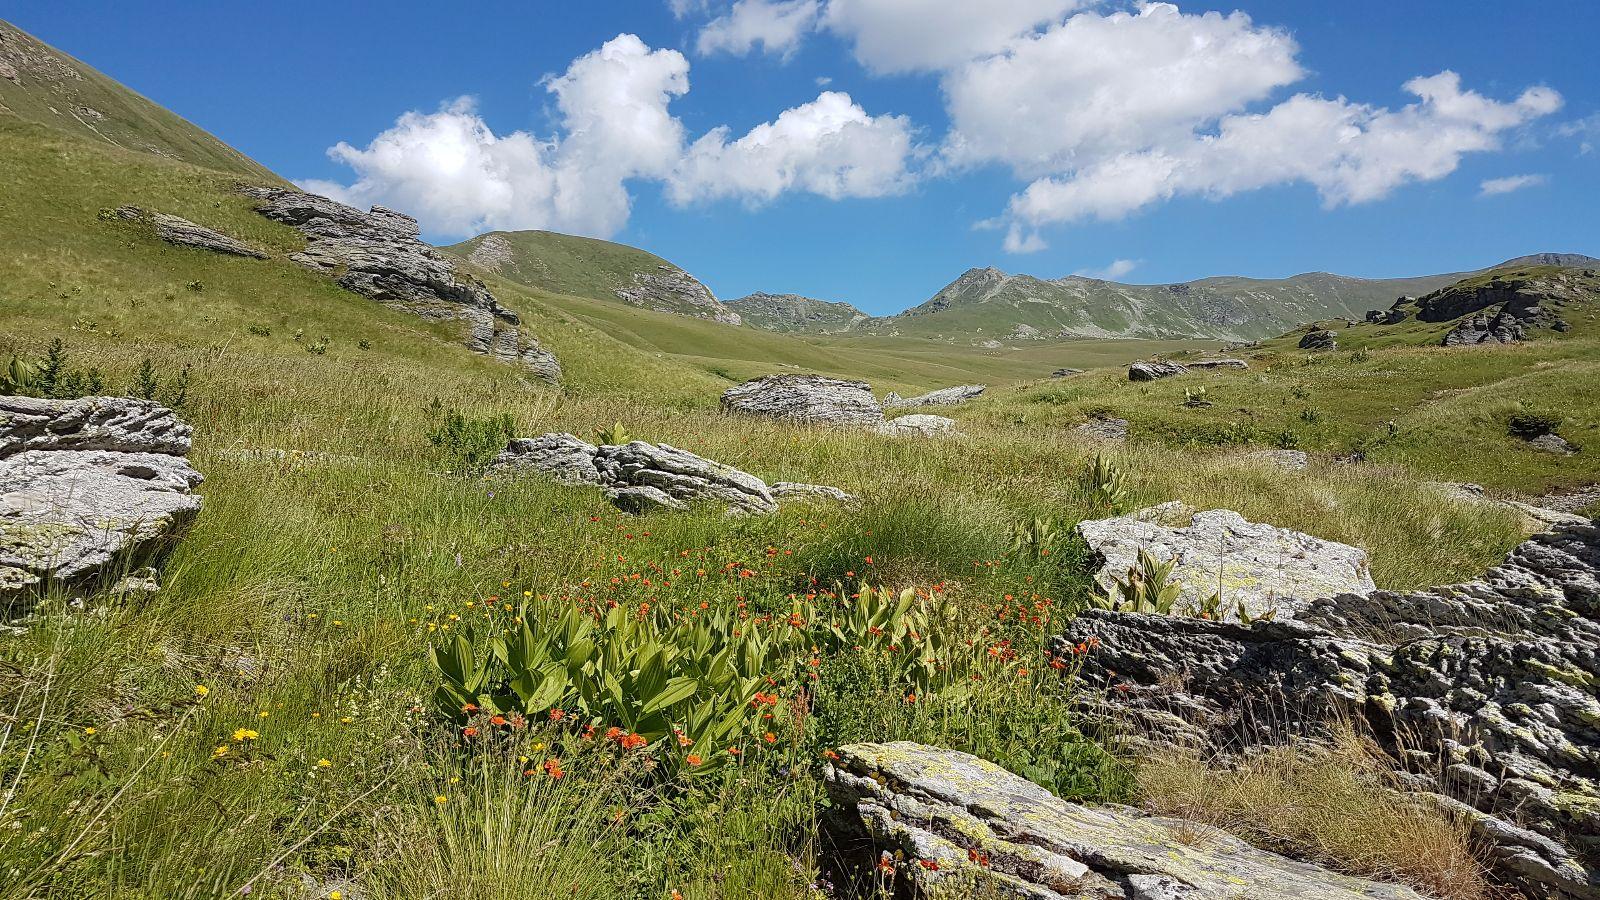 Einsame Weiten im Shar-Gebirge